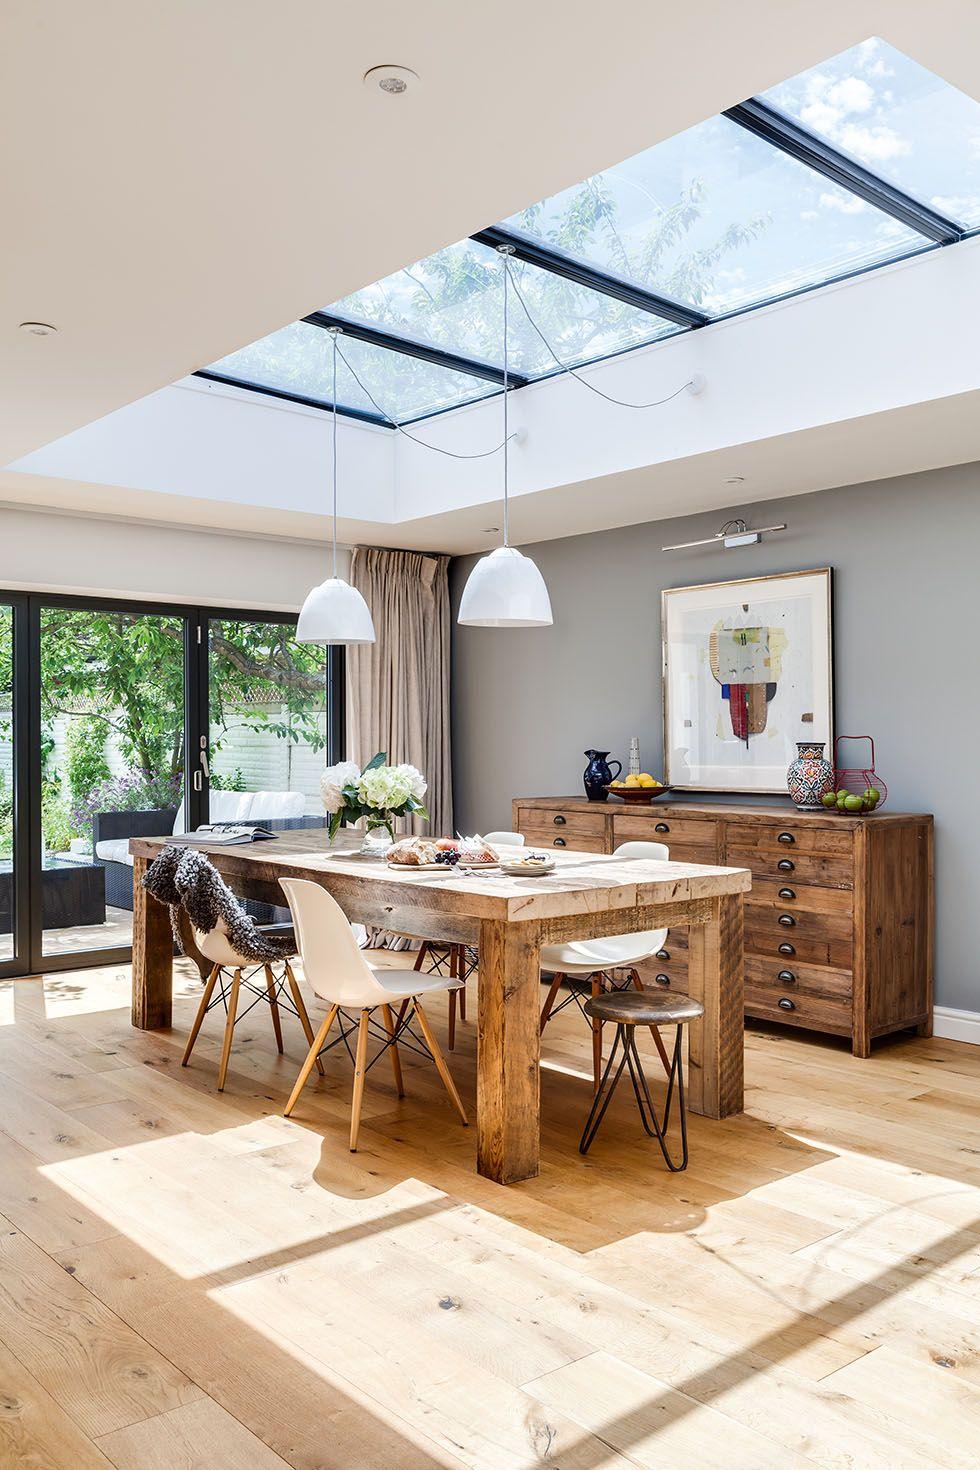 Ideen für die erweiterung der küche das glas  essplatz und tischdeko  pinterest